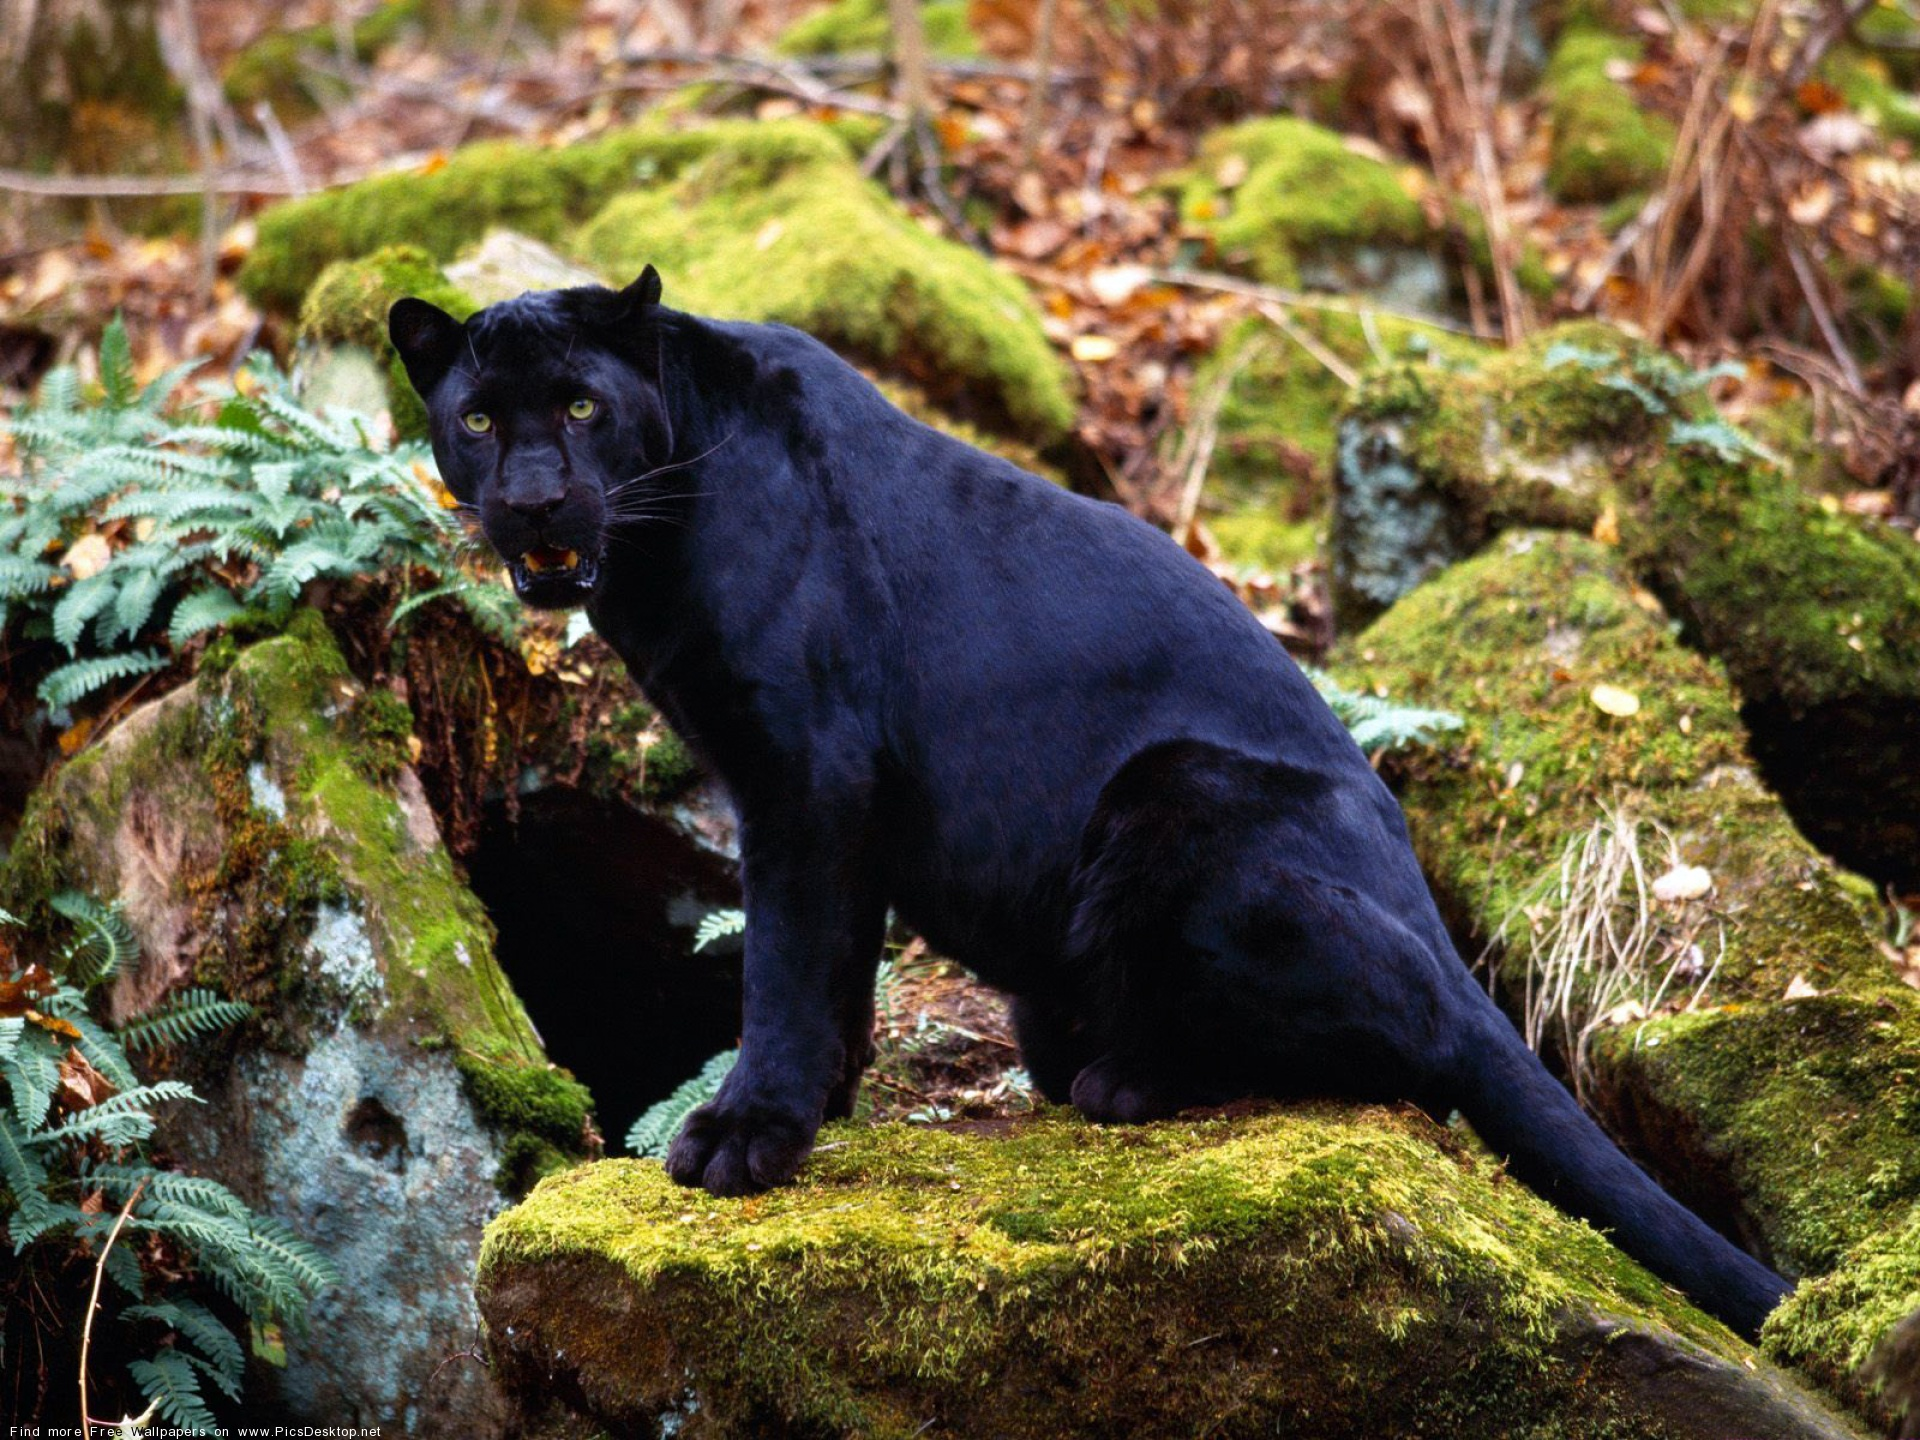 Чтобы посмотреть обою для рабочего стола Большие кошки Пантеры